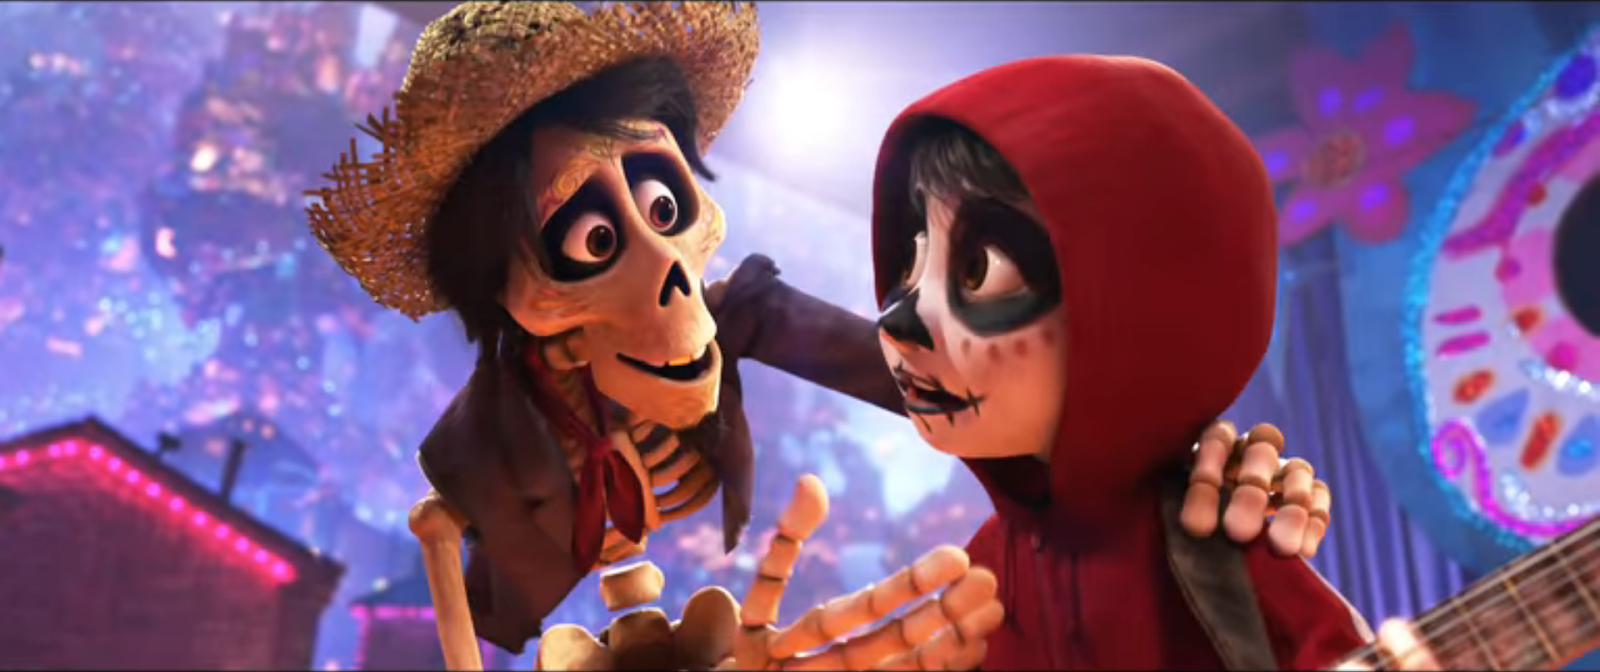 Aom Movies Et Al Coco 2017